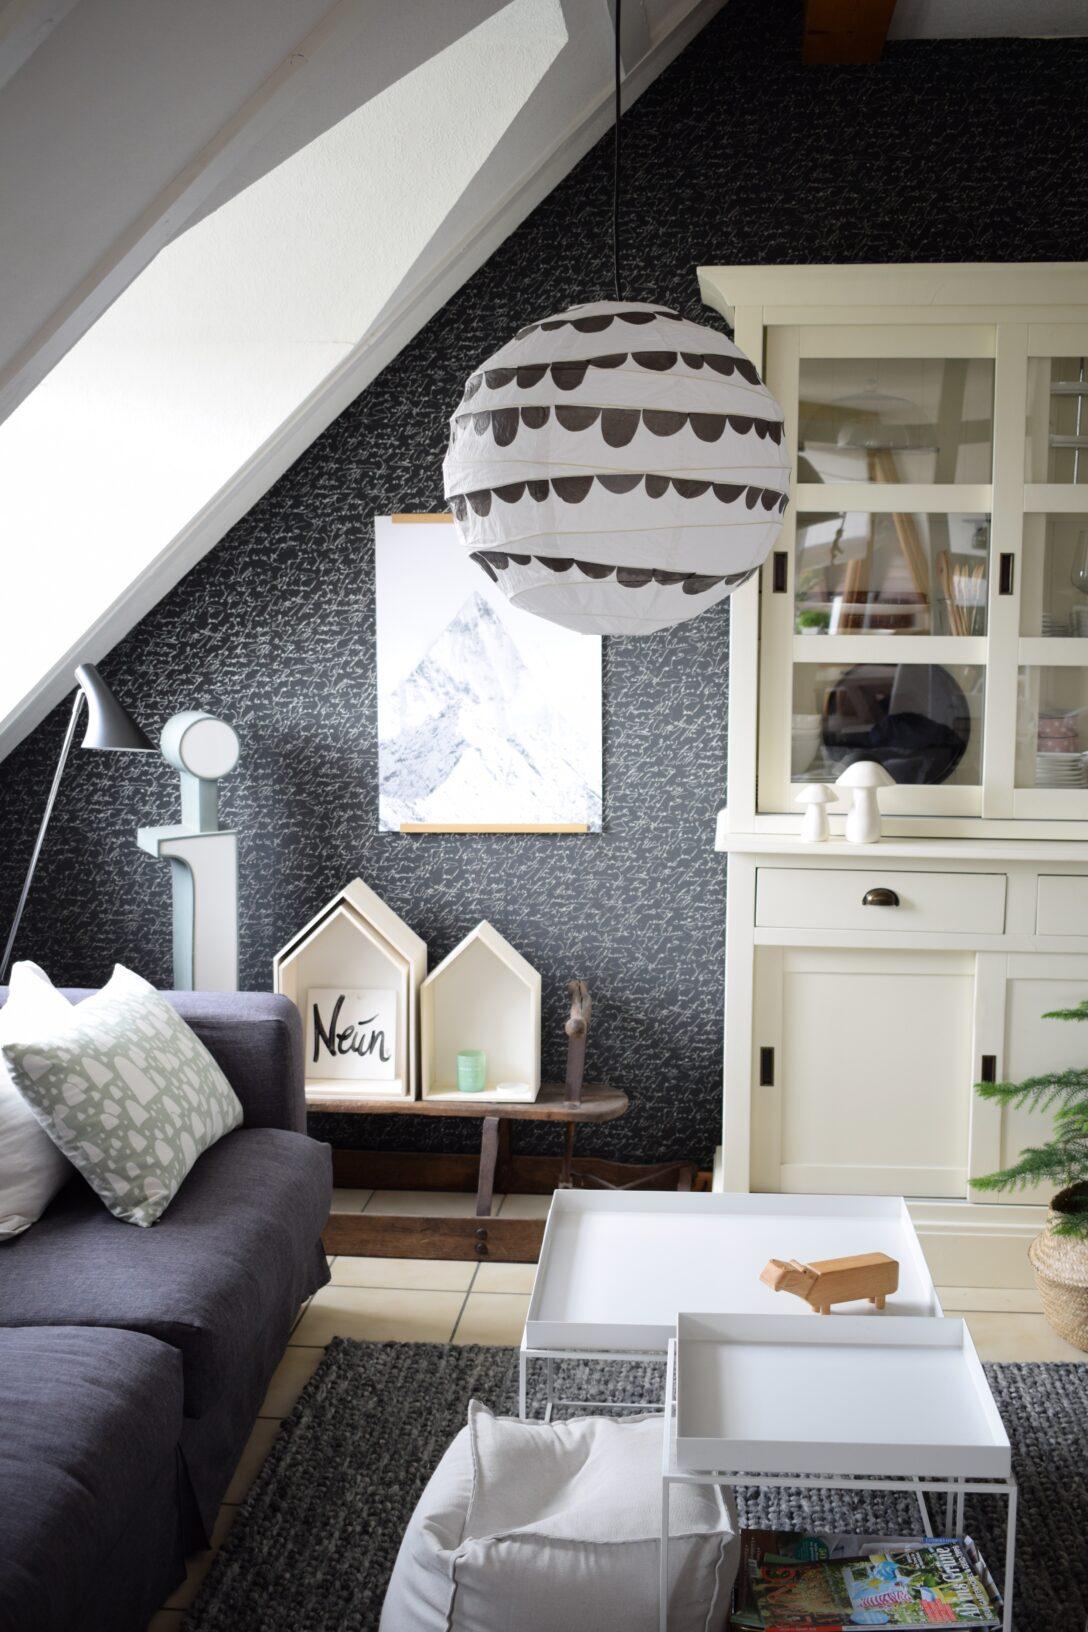 Large Size of Diy Eine Neue Lampe Frs Kinderzimmer Schwarz Auf Wei Küche Kaufen Ikea Hängelampe Wohnzimmer Stehleuchte Sofa Kleines Wandtattoos Pendelleuchte Tischlampe Wohnzimmer Ikea Wohnzimmer Lampe